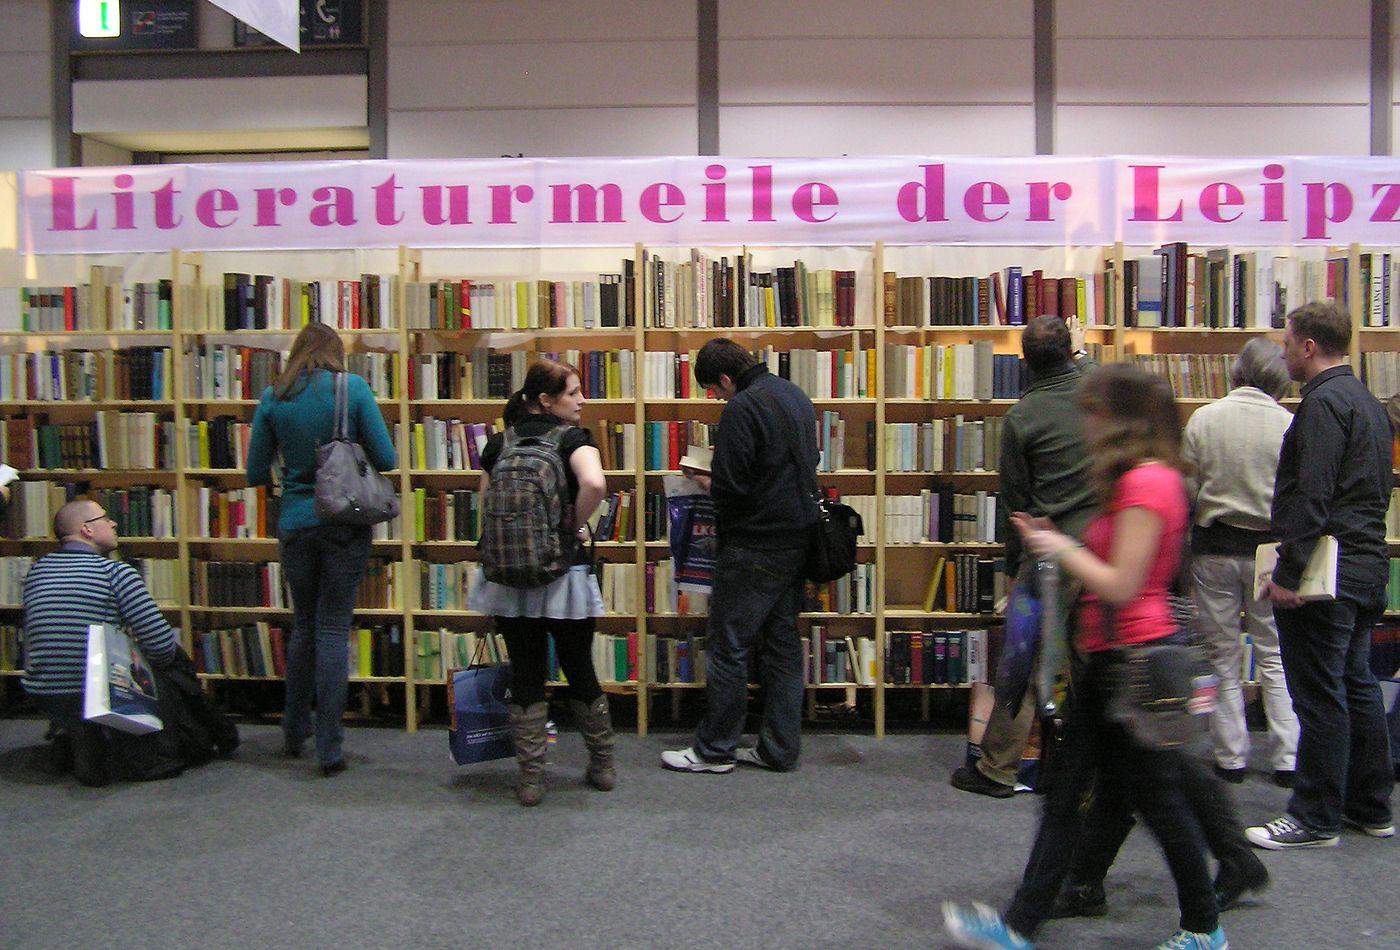 Knihy ke čtení či zakoupení